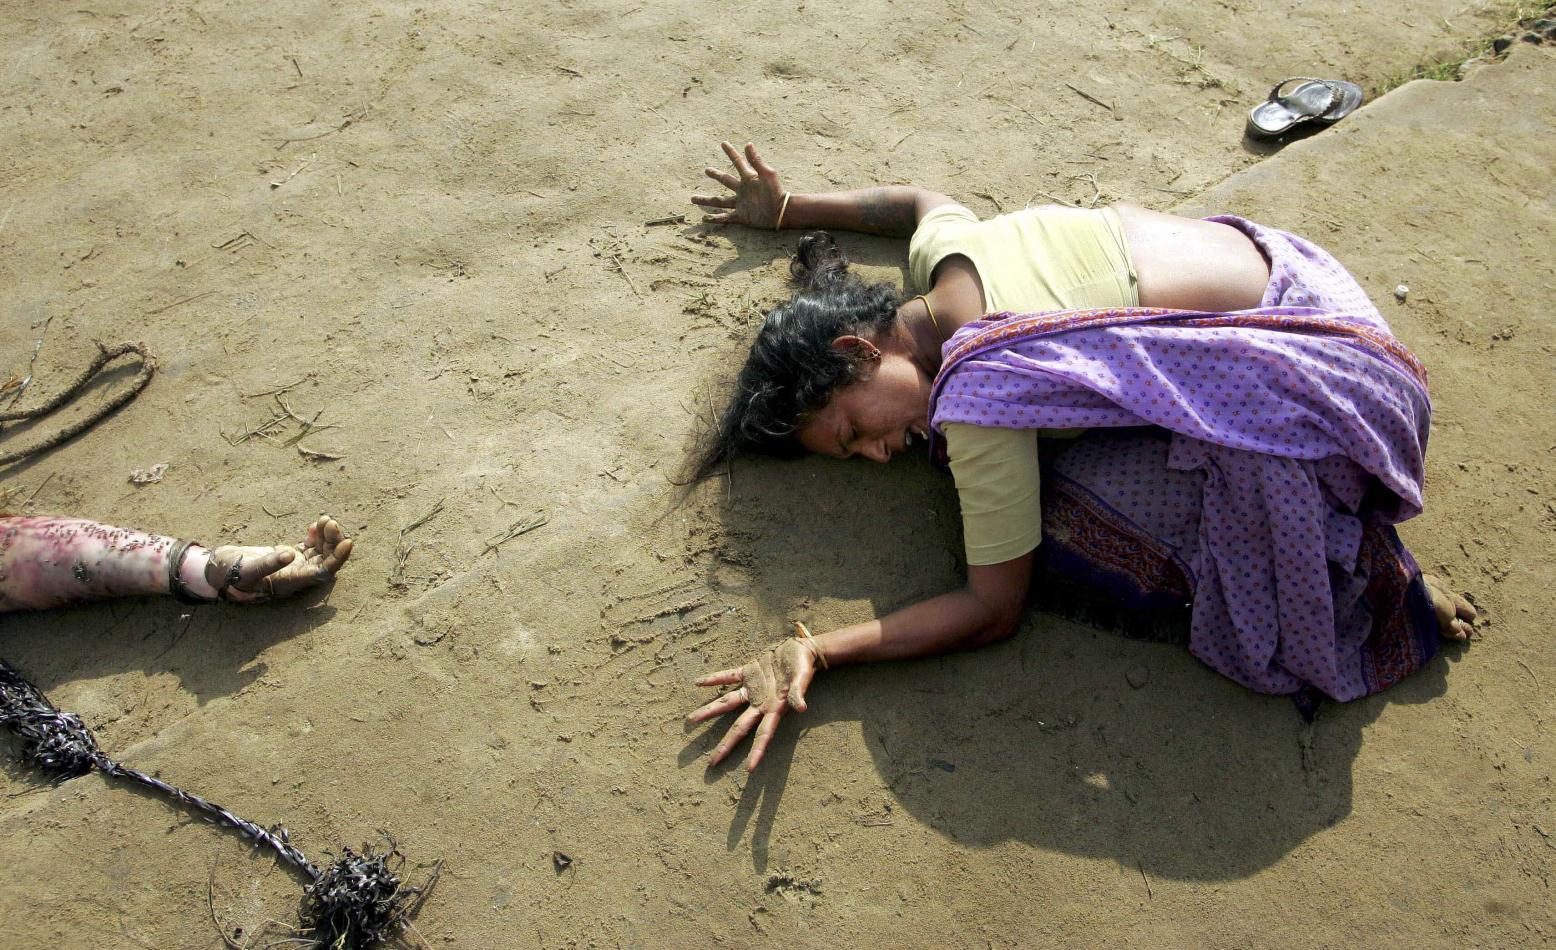 Αυτές είναι οι πιο τραγικές φωτογραφίες  για την ανθρωπιστική κρίση στο κόσμο από το 2000 ως σήμερα!